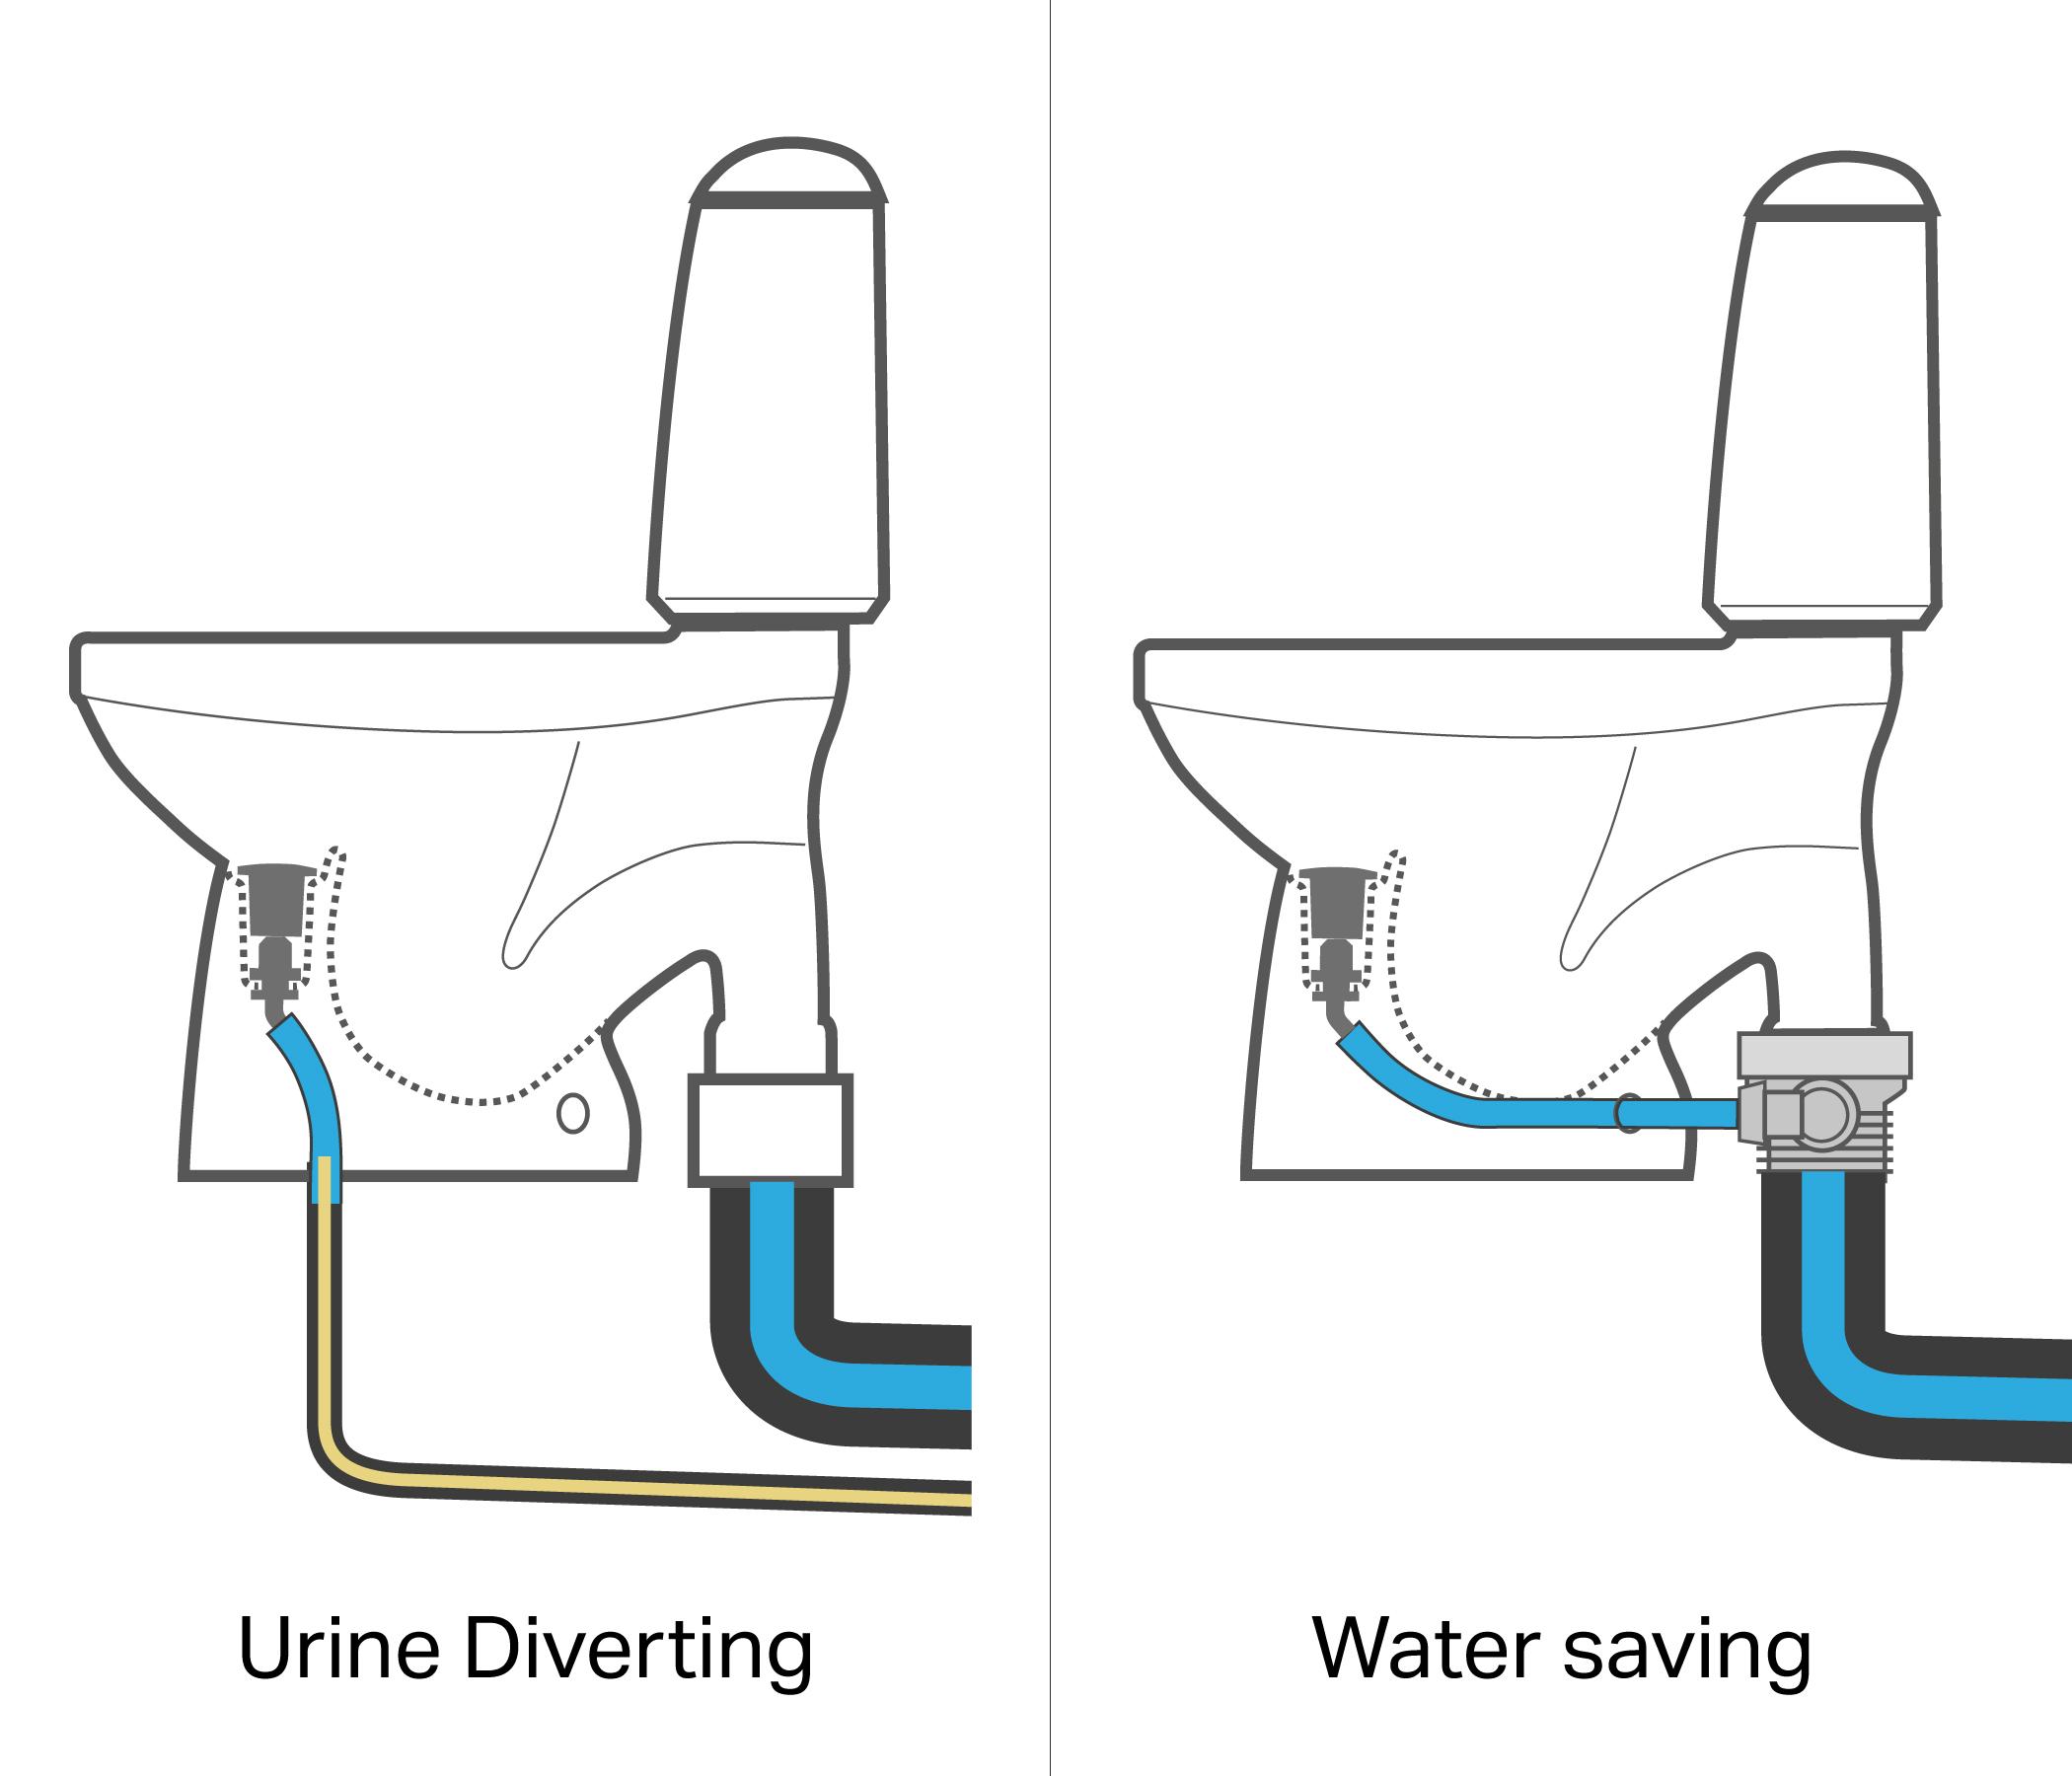 ecoflush-diverting-watersaving.jpg